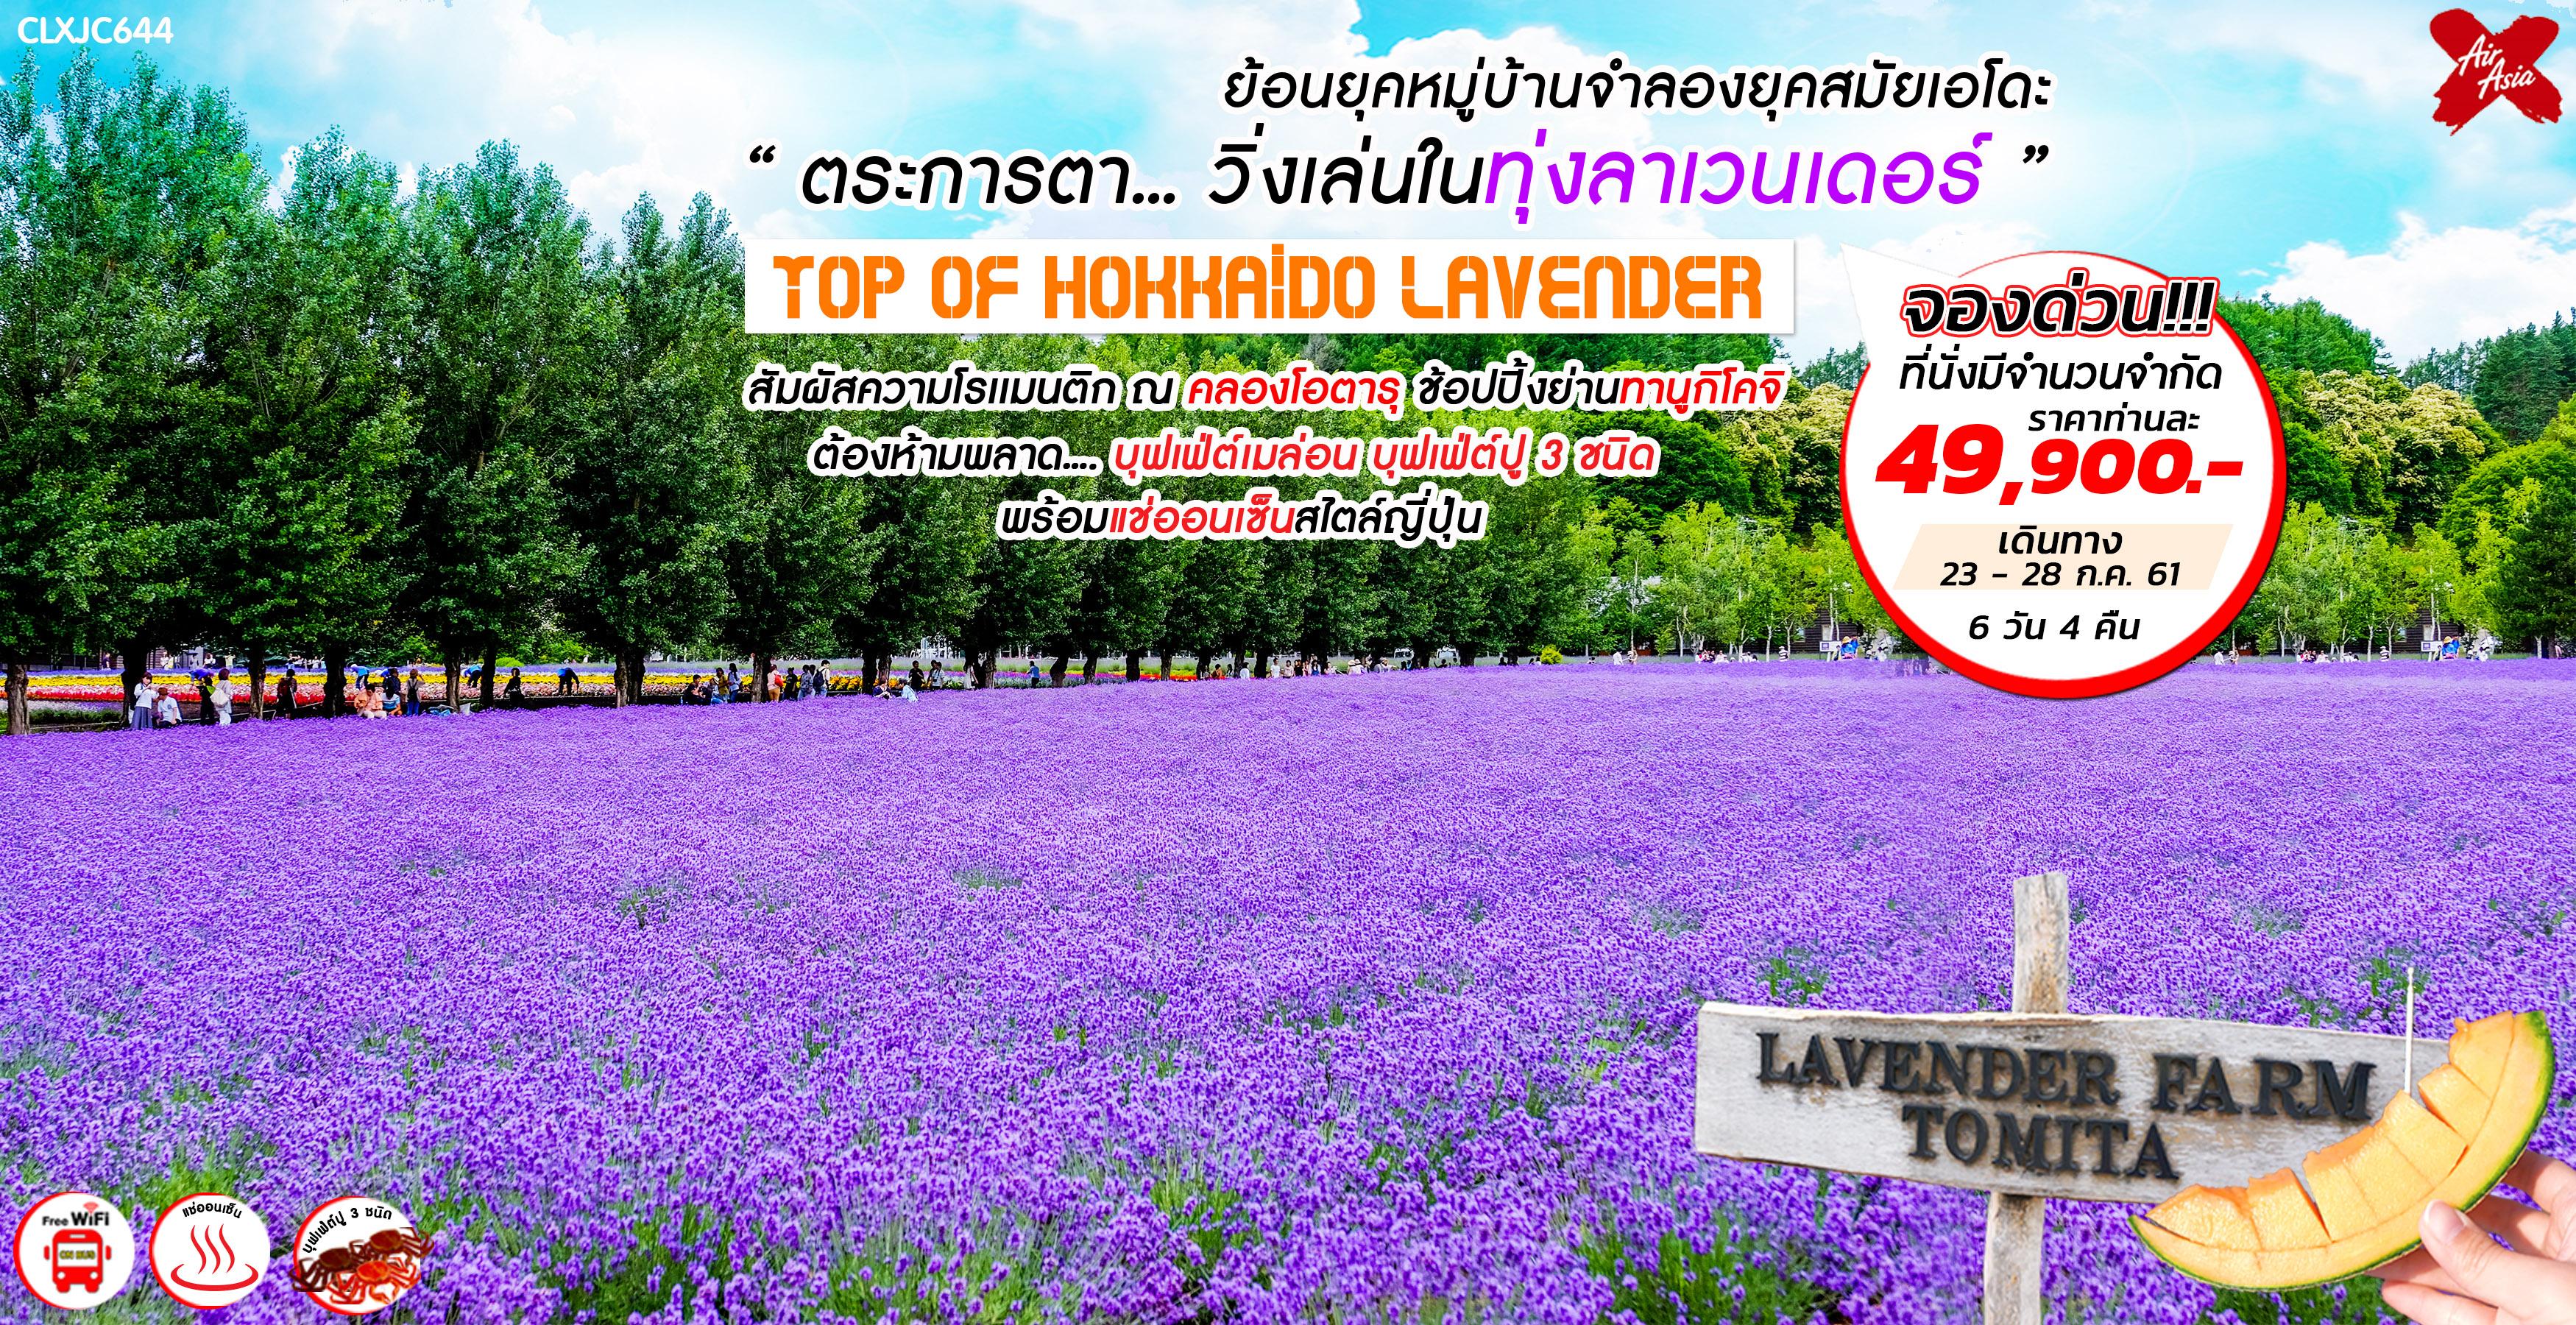 ทัวร์ญี่ปุ่น TOP OF HOKKAIDO LAVENDER 6D4N (XJ)